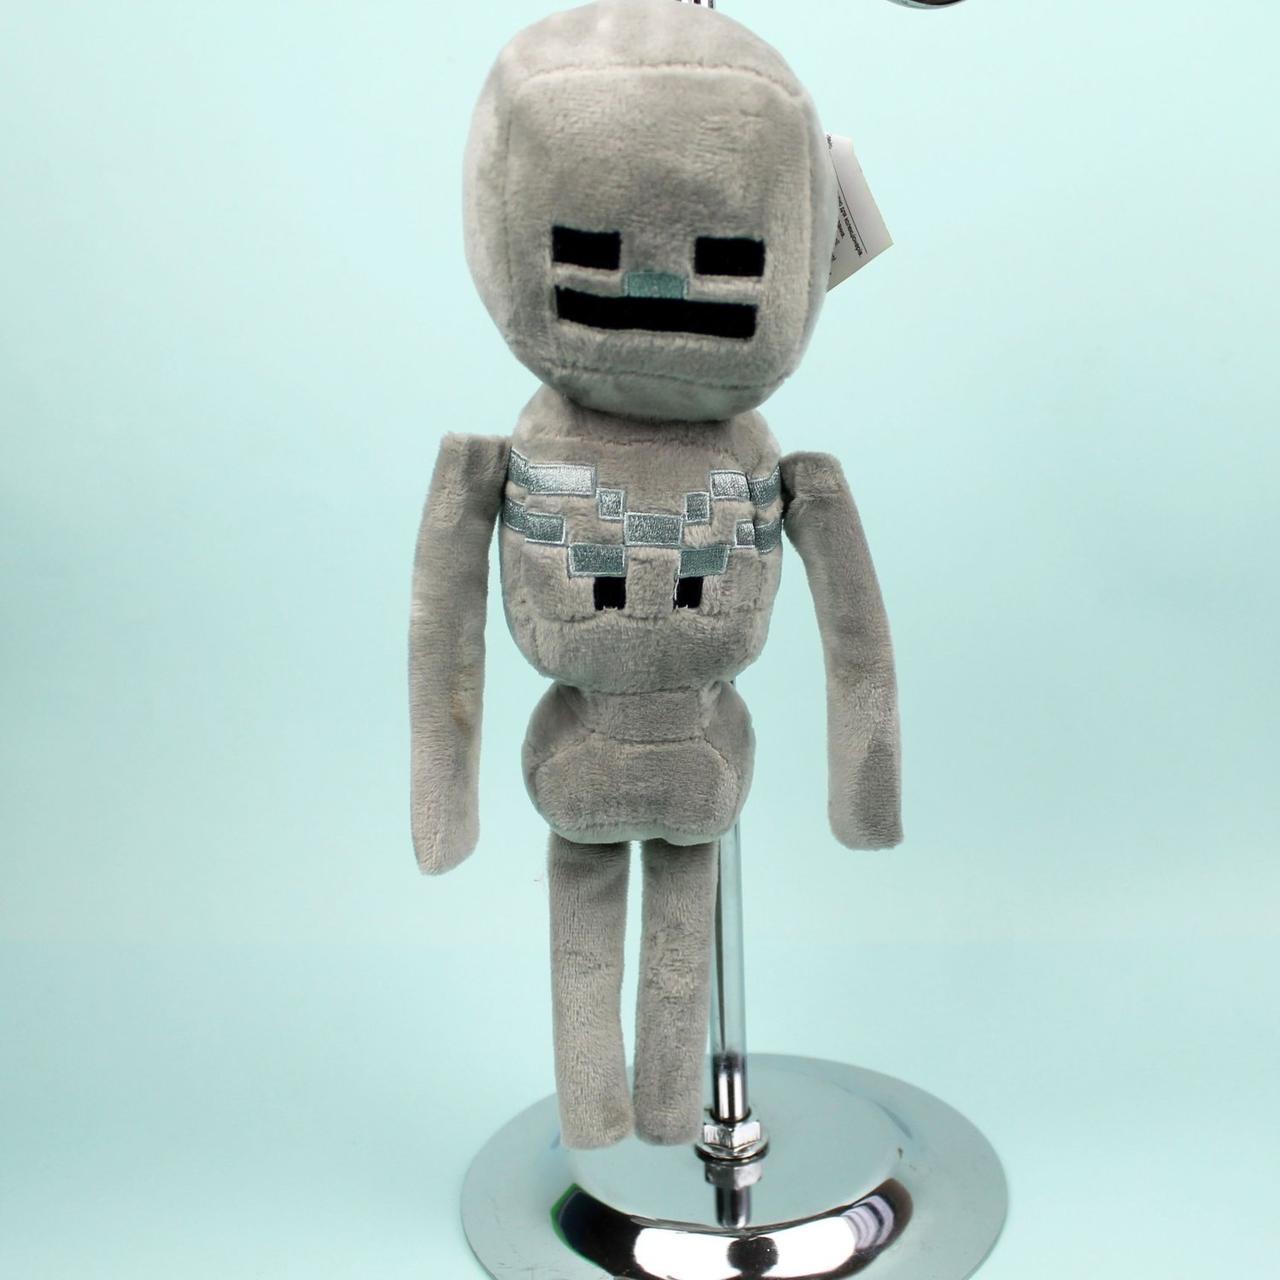 24988-6 Мягкая игрушка Майнкрафт Скелет 30 см тм Копиця